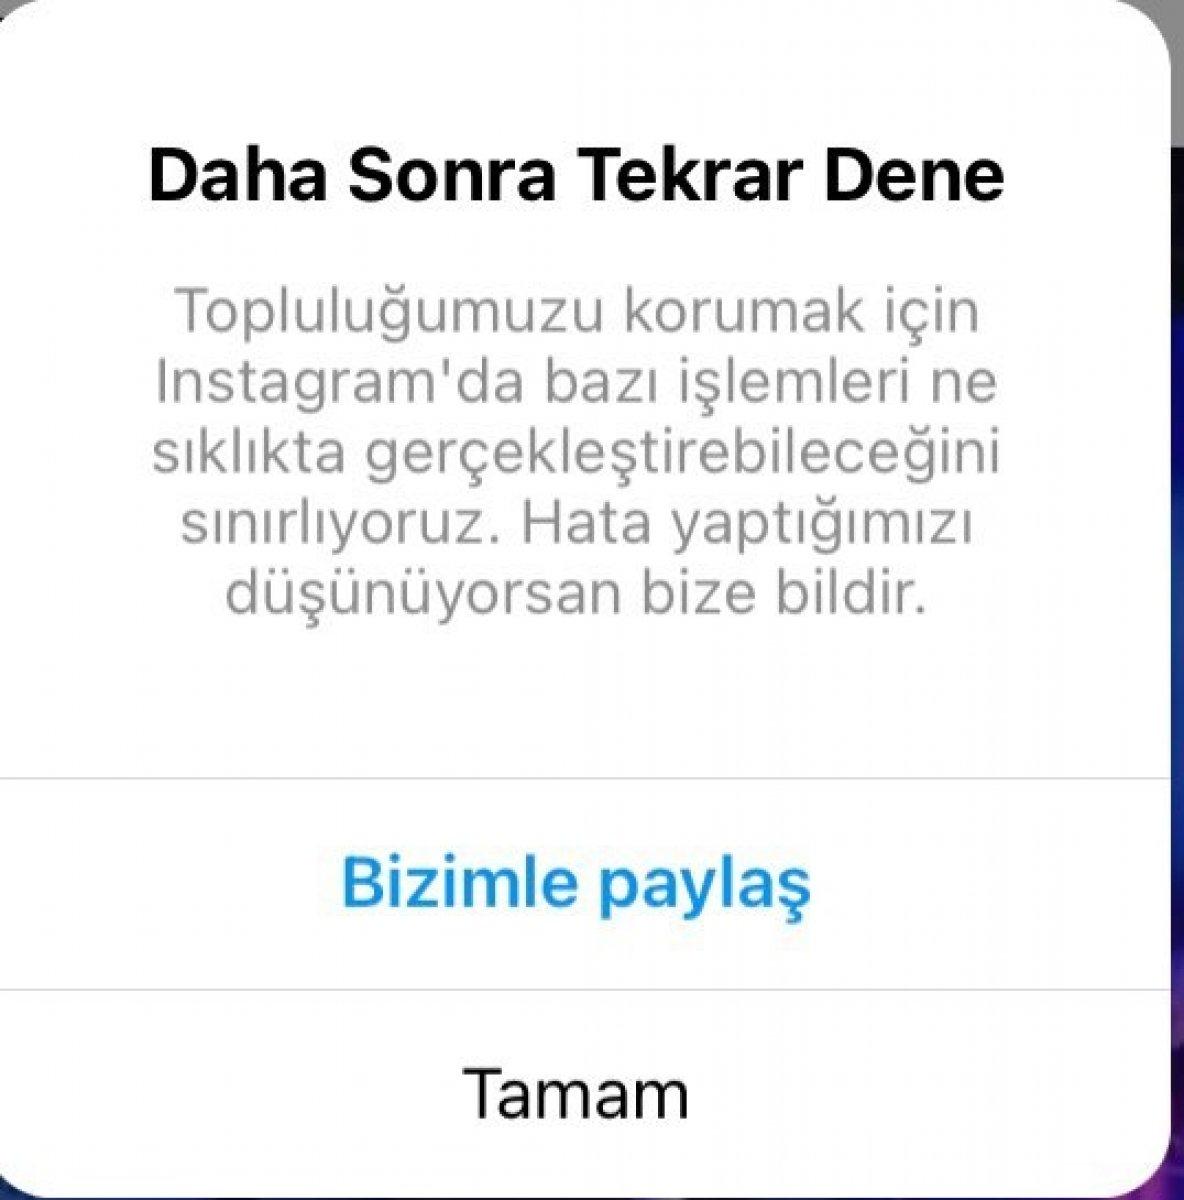 Instagram çöktü mü? Instagram  Daha sonra tekrar dene  hatası son dakika 2021 #1